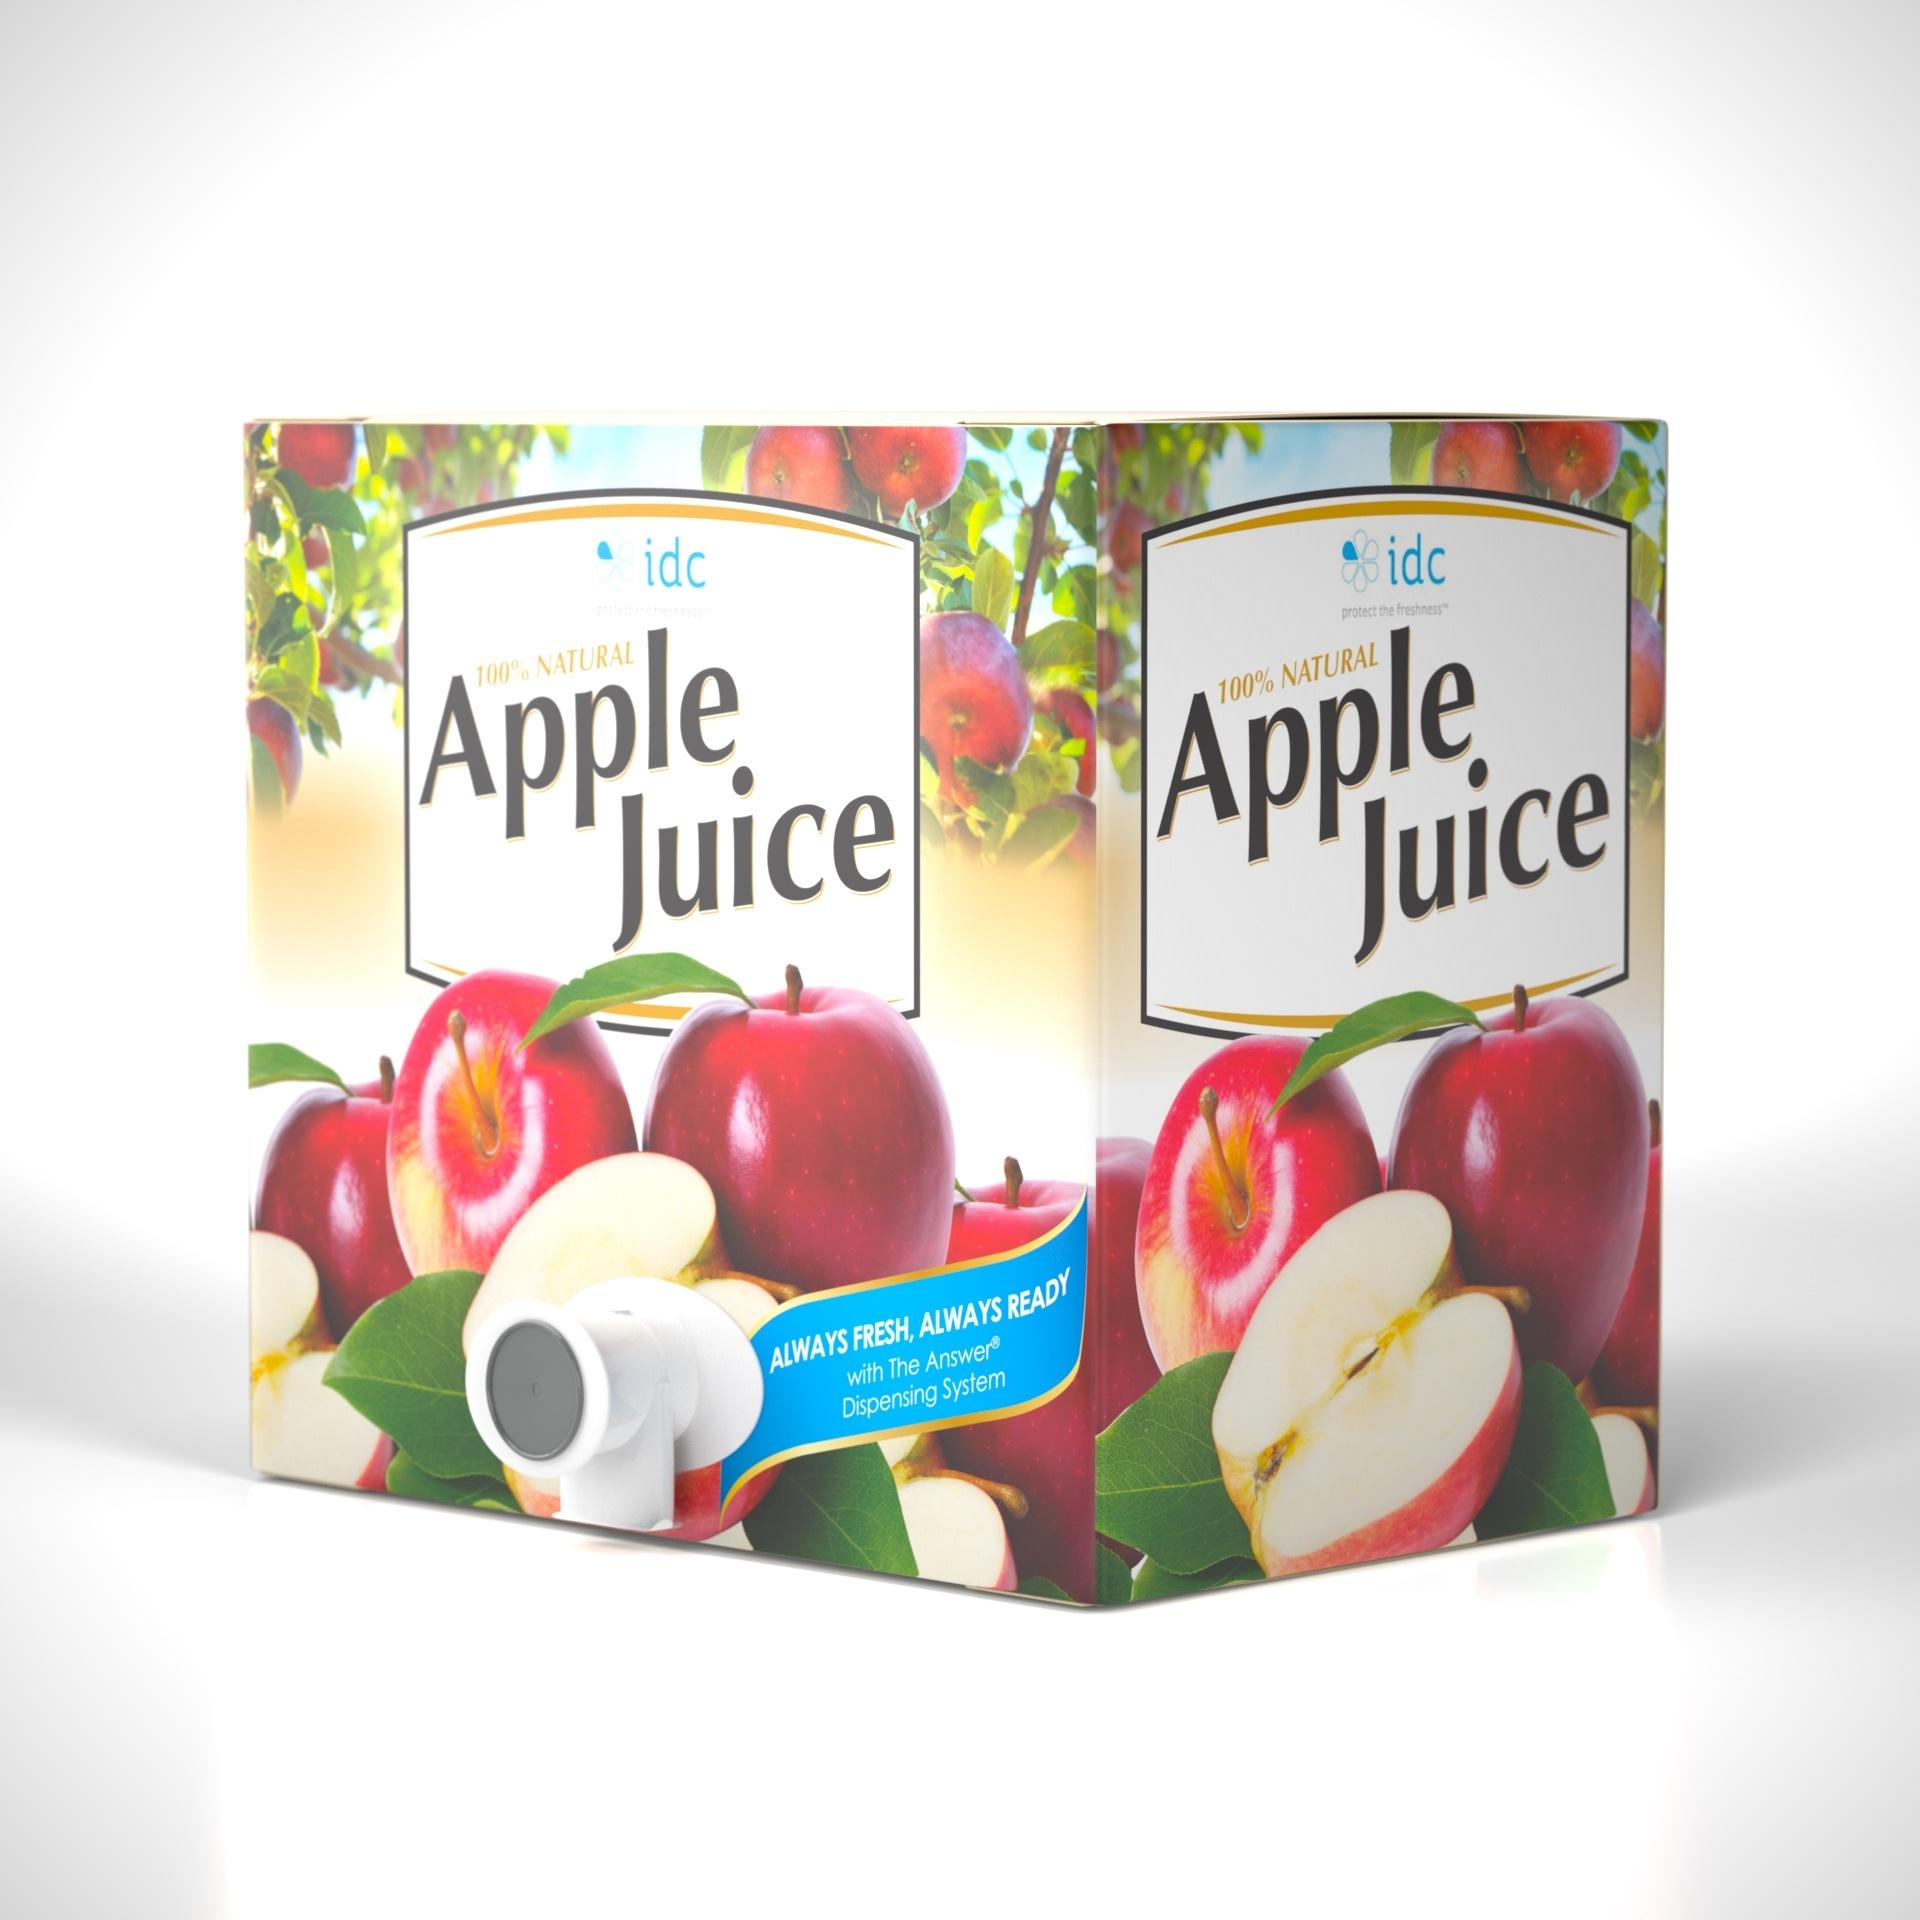 apple_juice